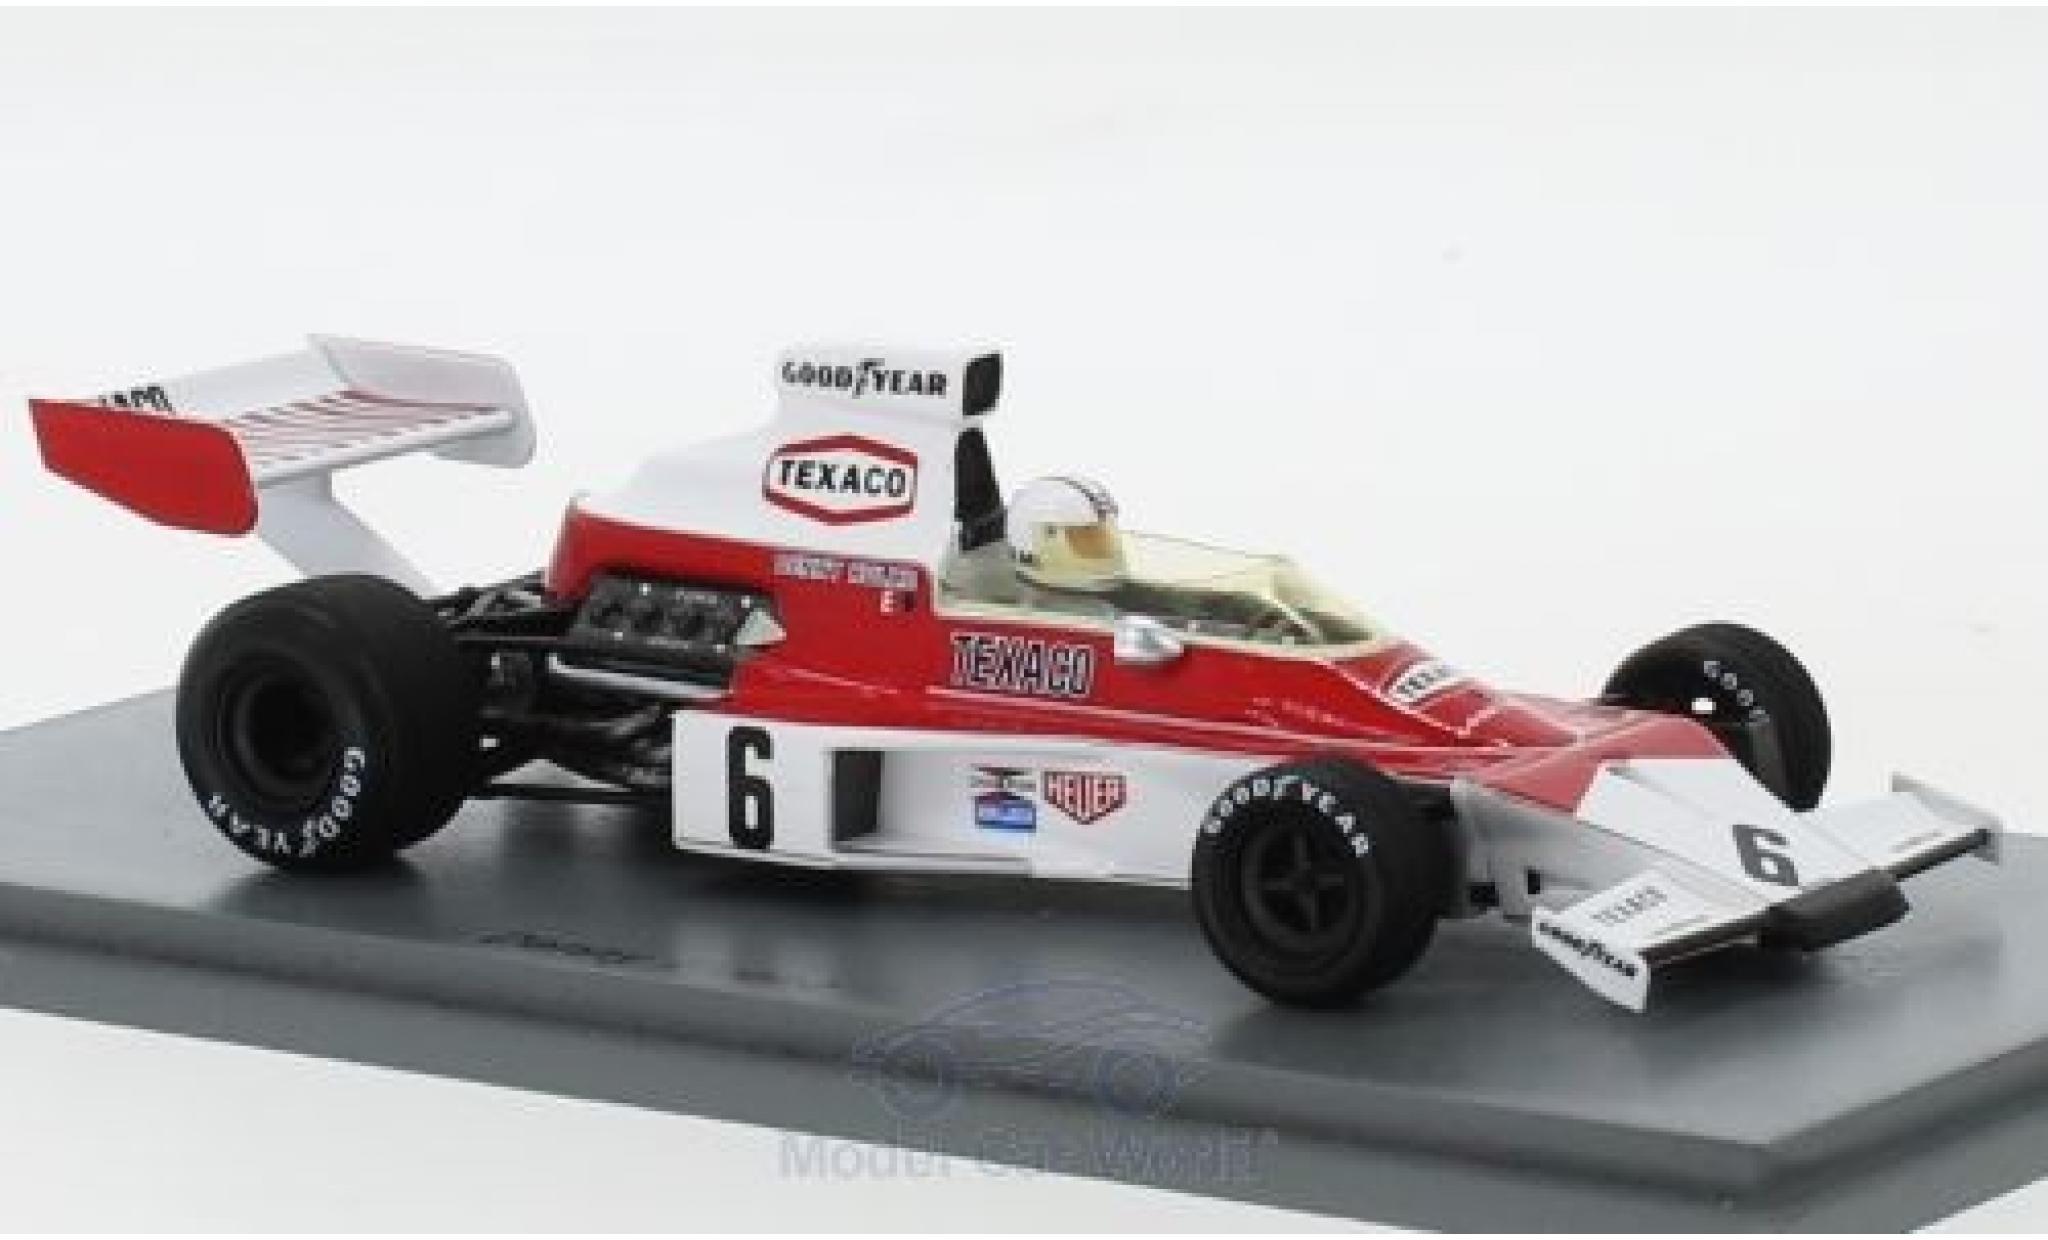 McLaren M23 1/43 Spark No.6 Texaco Formel 1 GP Argentinien 1974 D.Hulme